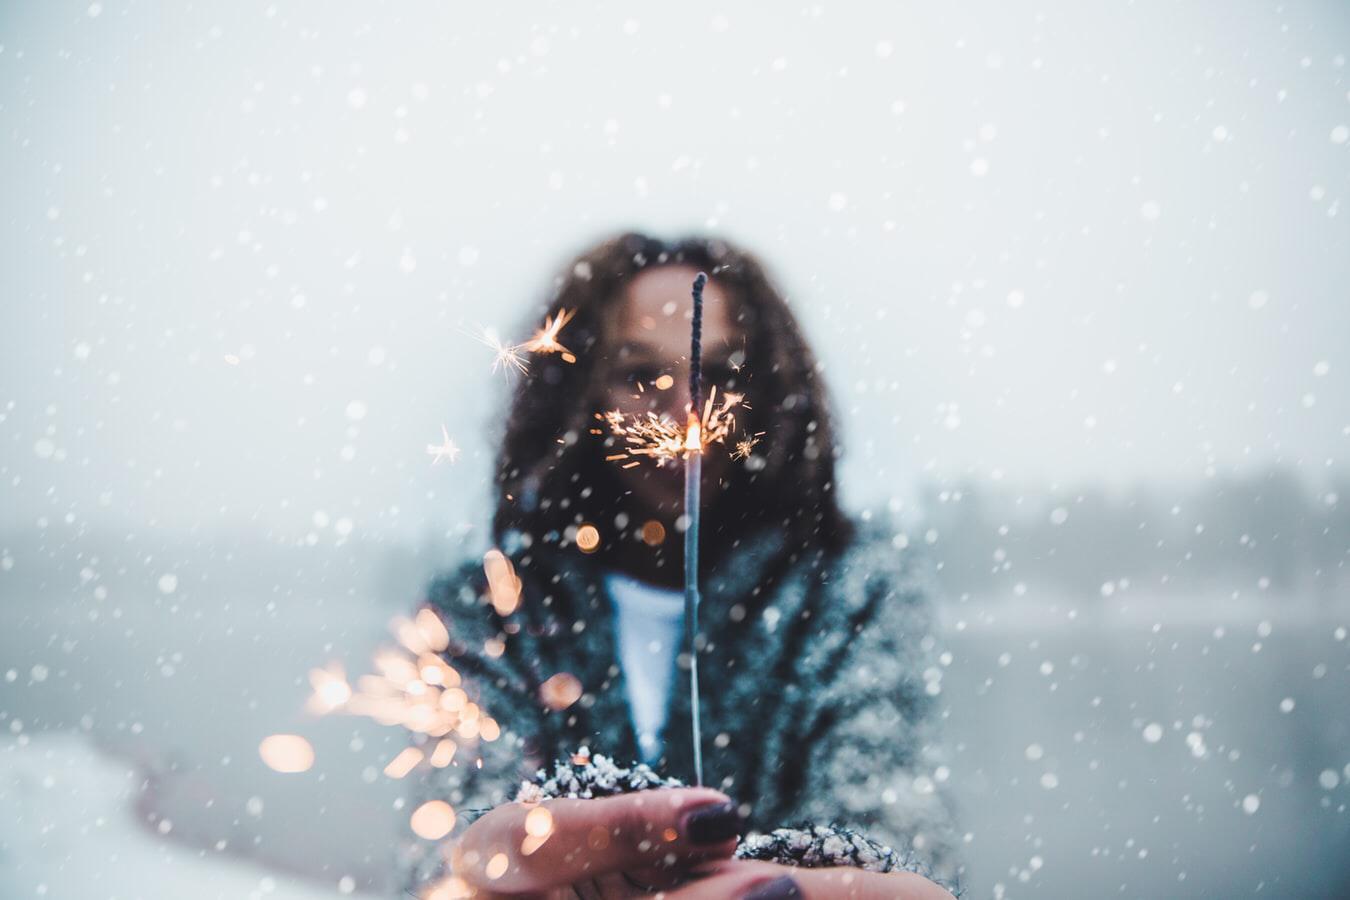 Vrouw met vuurwerk.